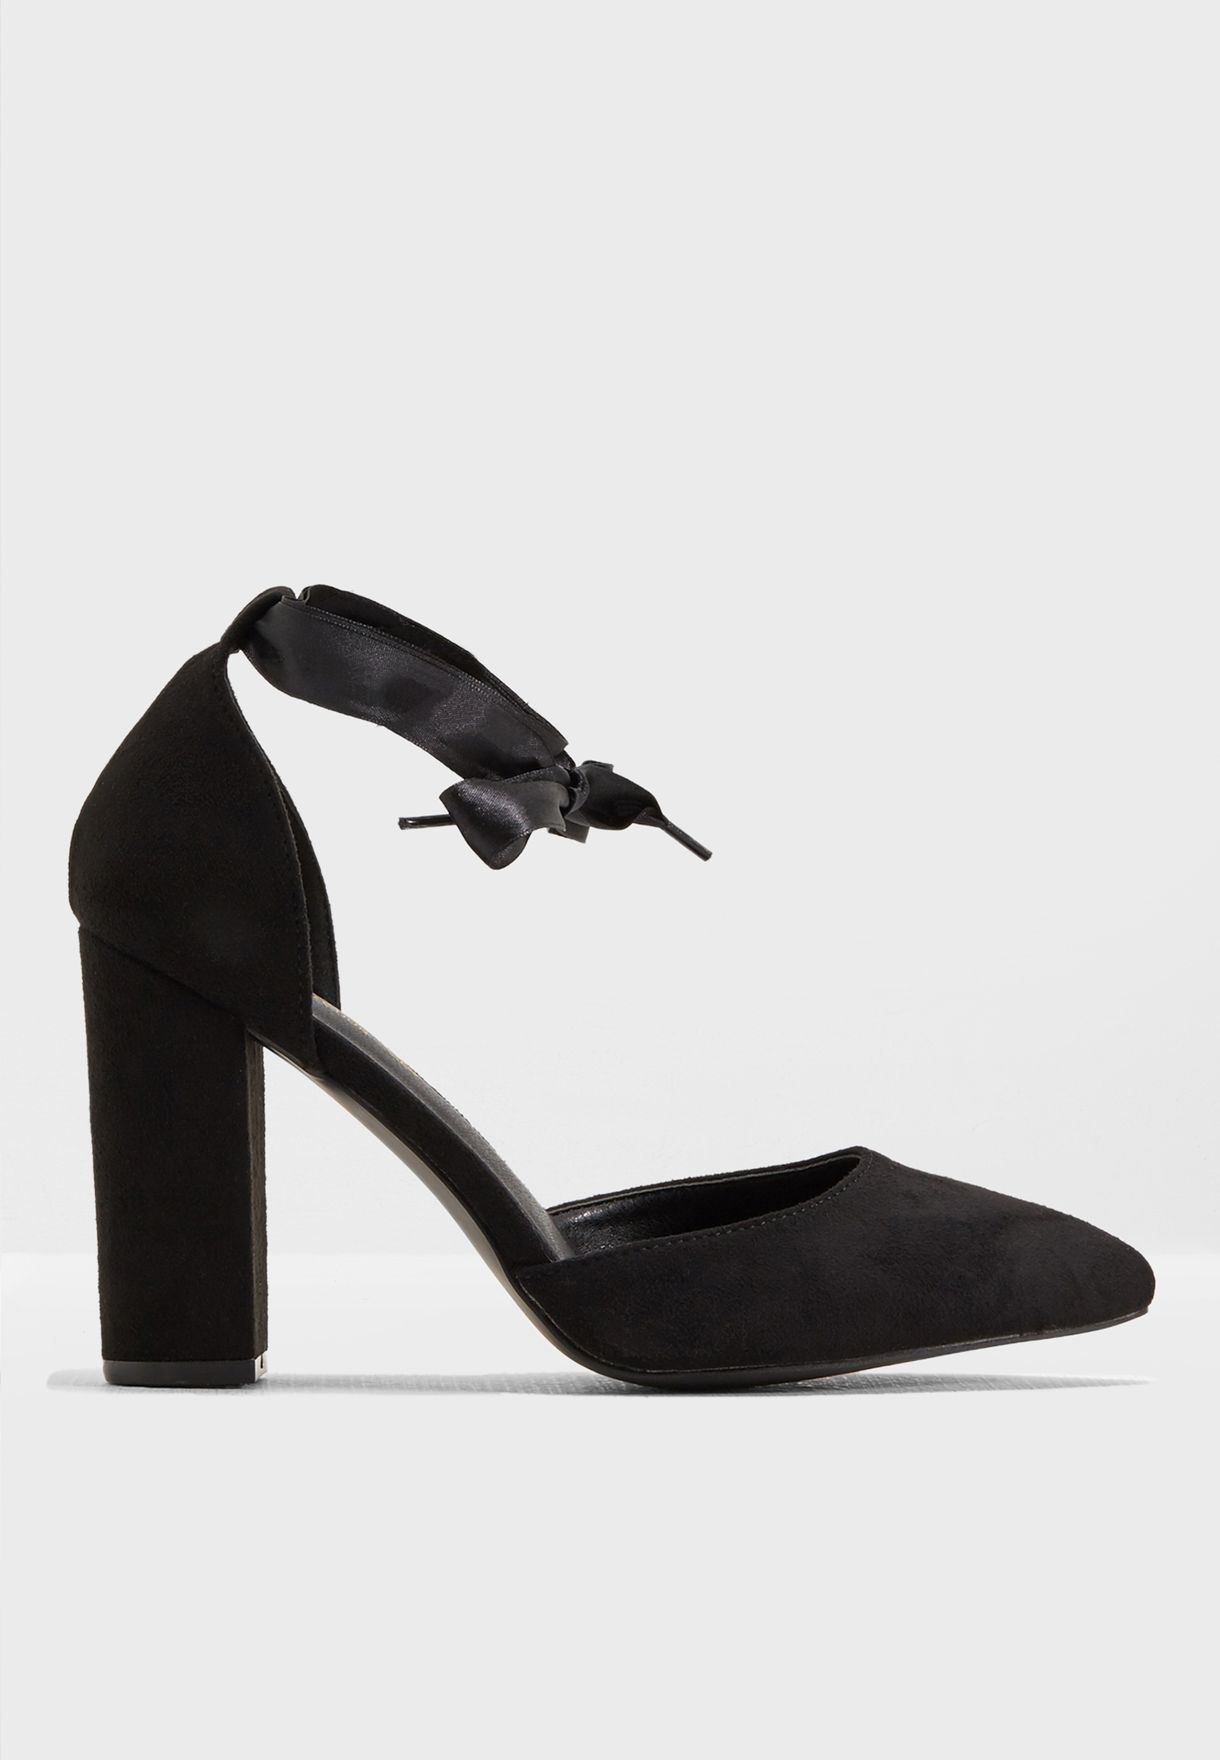 ece245c36 تسوق حذاء عريض بكعب سميك ماركة ترافيل لون أسود WFVICKY1 (WIDE FIT ...